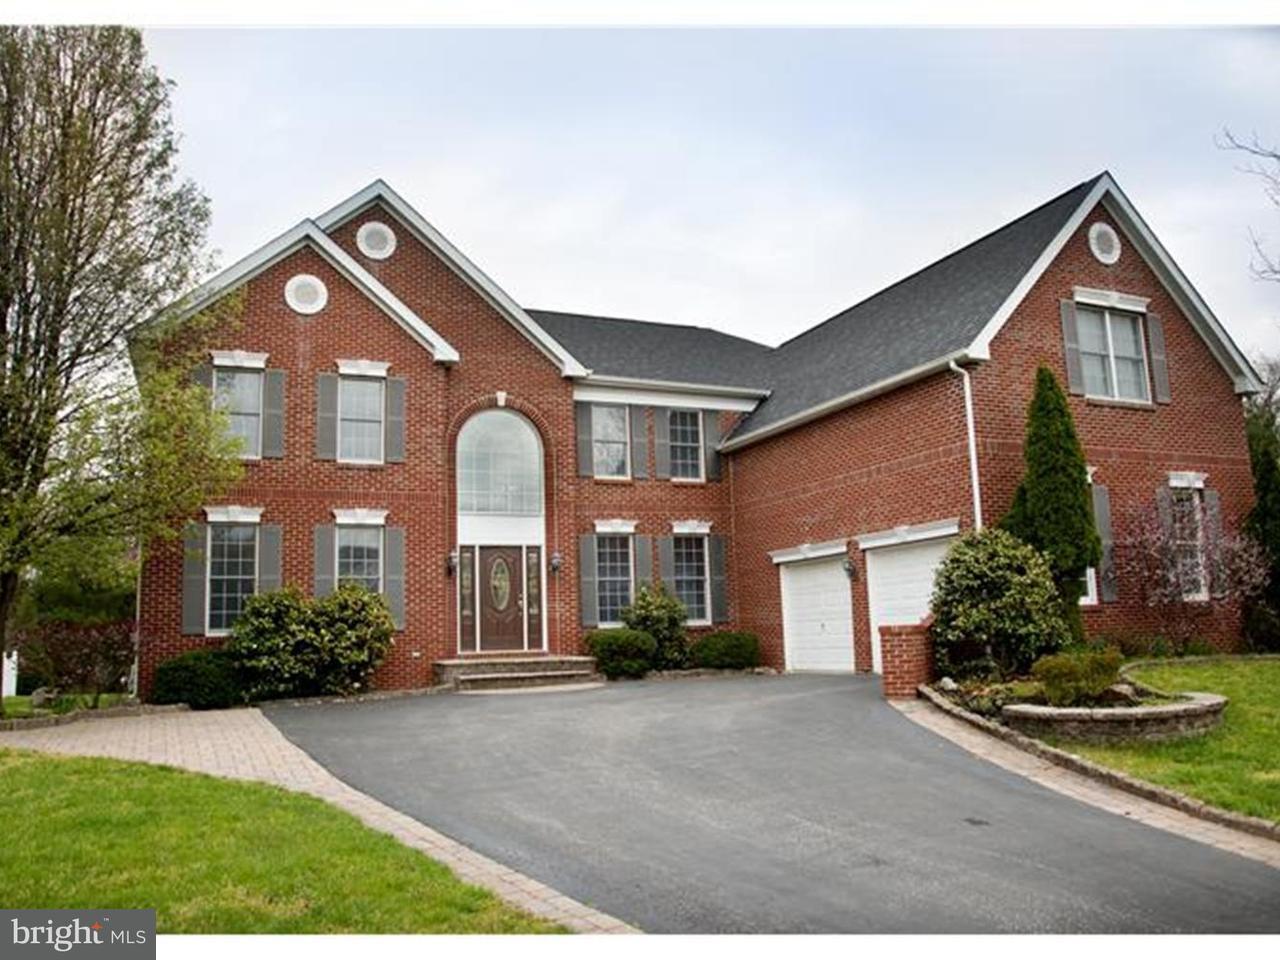 独户住宅 为 销售 在 3 HANNAH Drive Garnet Valley, 宾夕法尼亚州 19342 美国